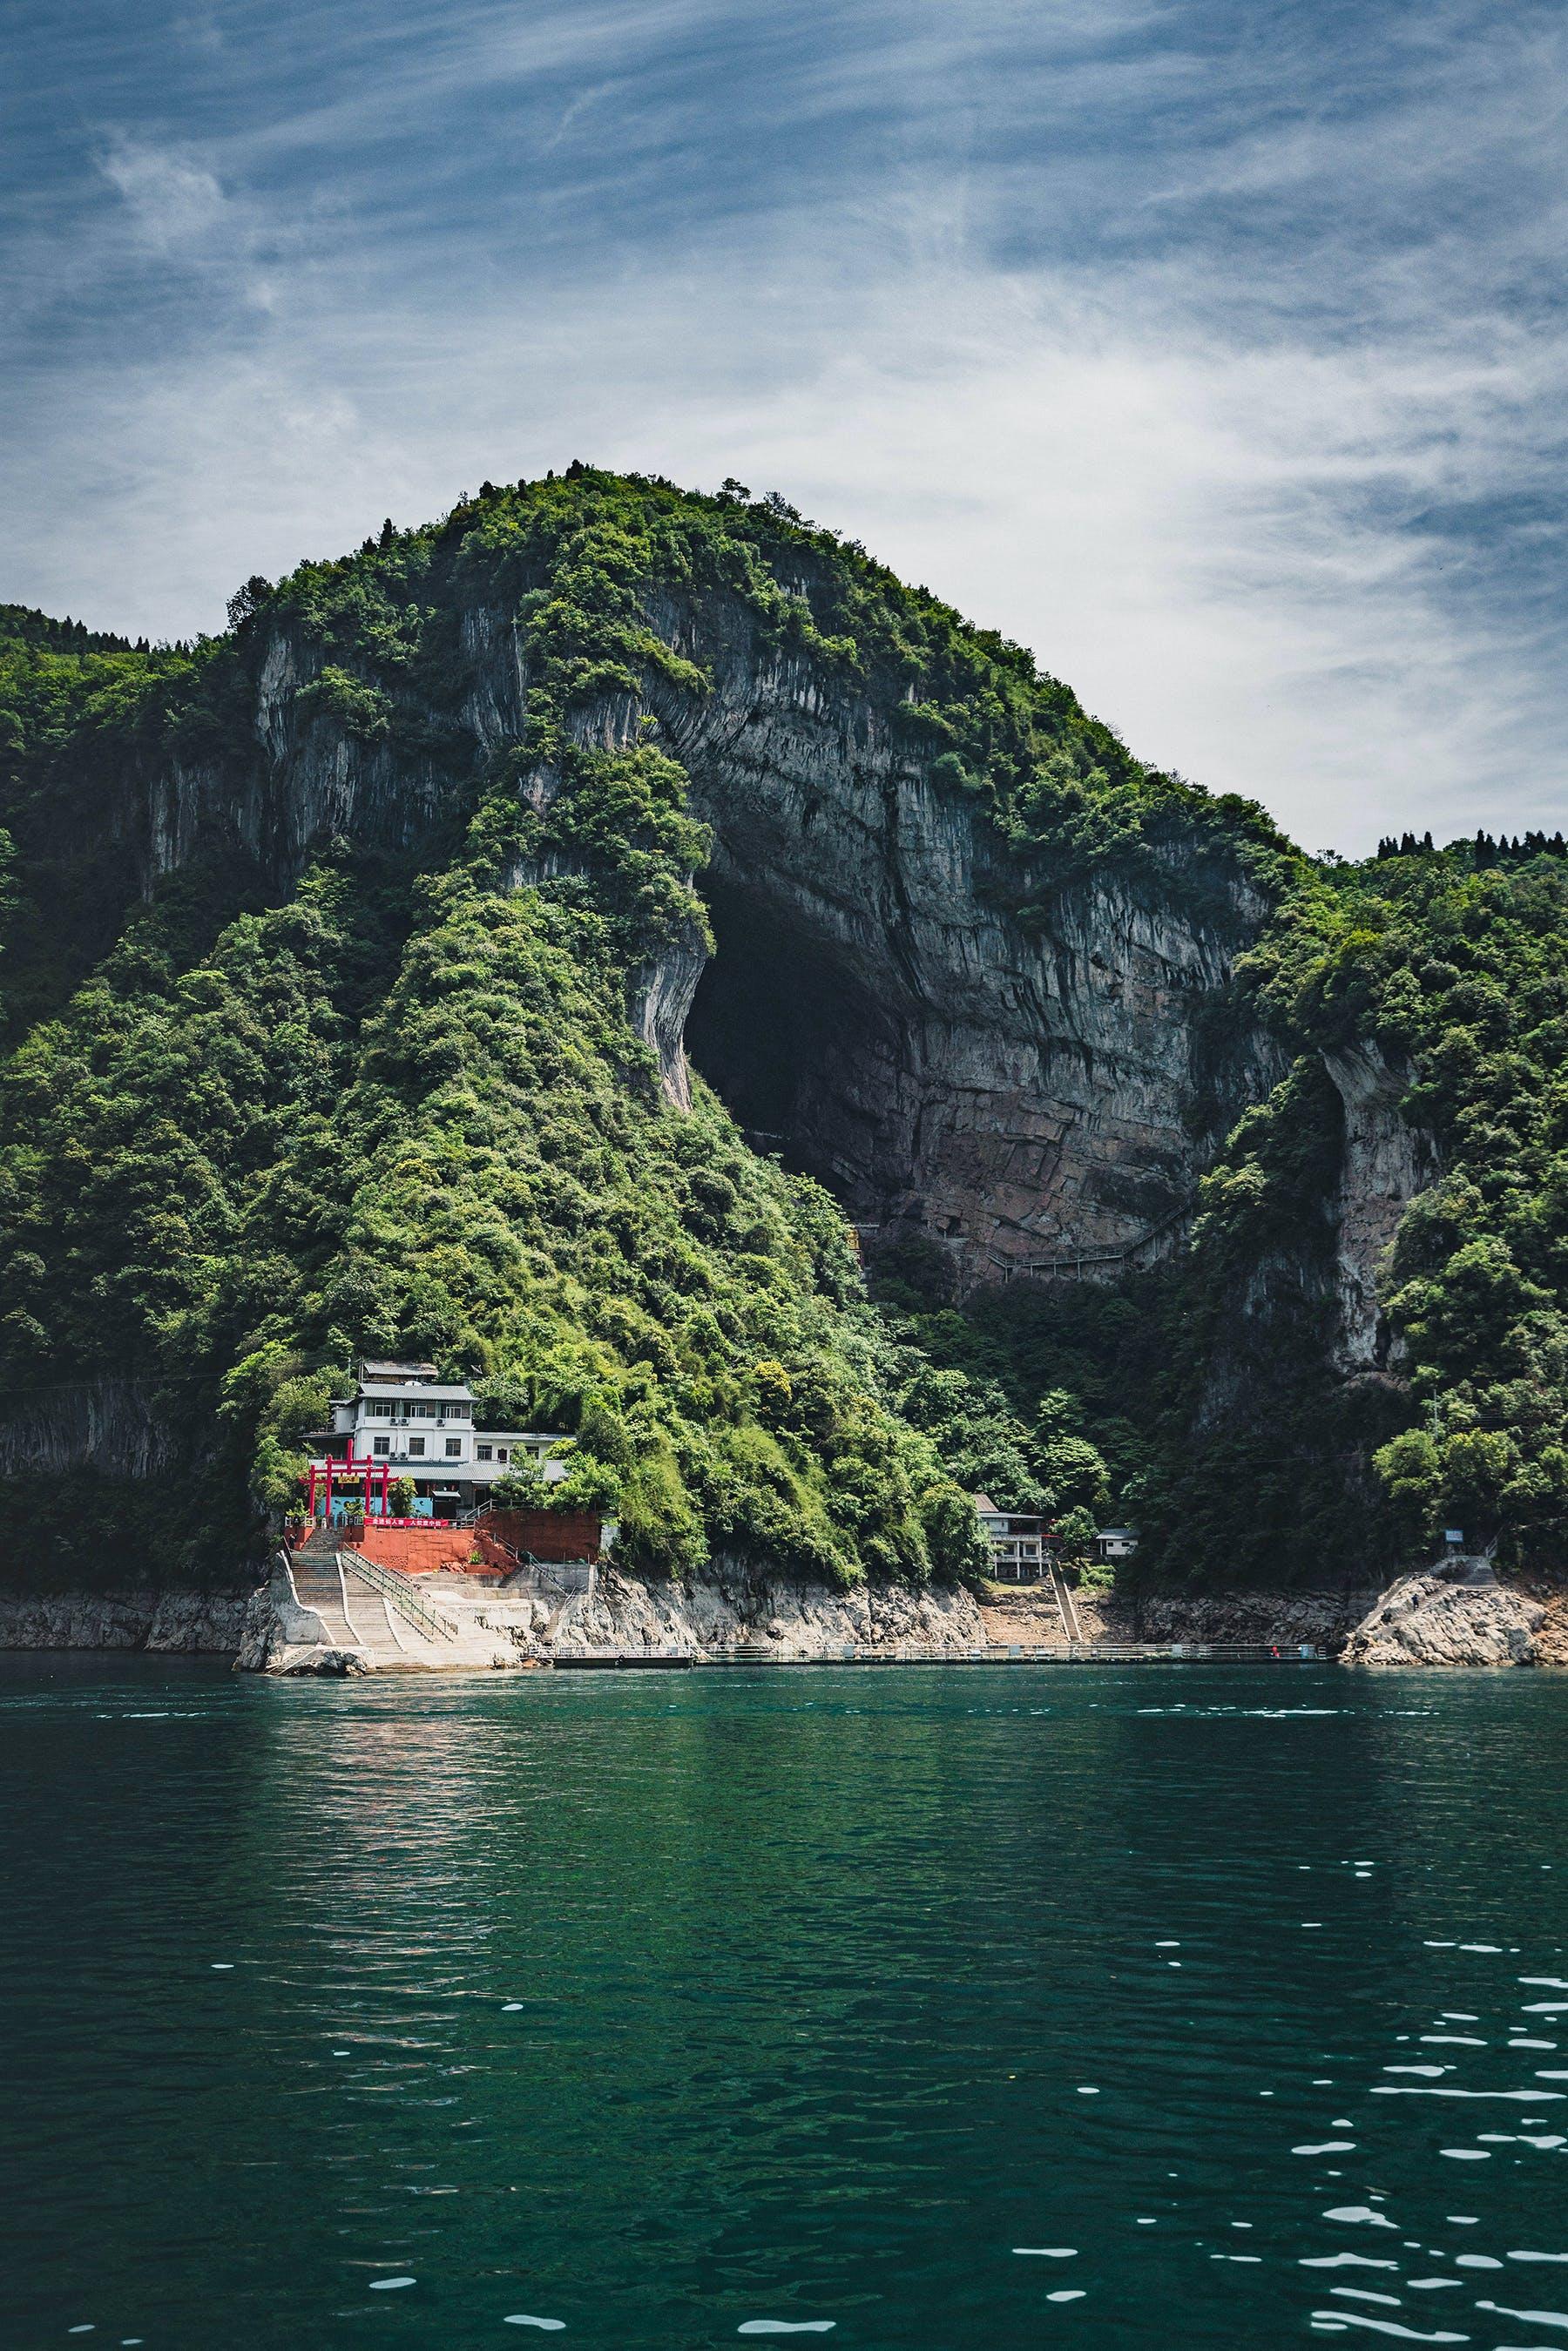 açık hava, ada, ağaçlar, dağ içeren Ücretsiz stok fotoğraf